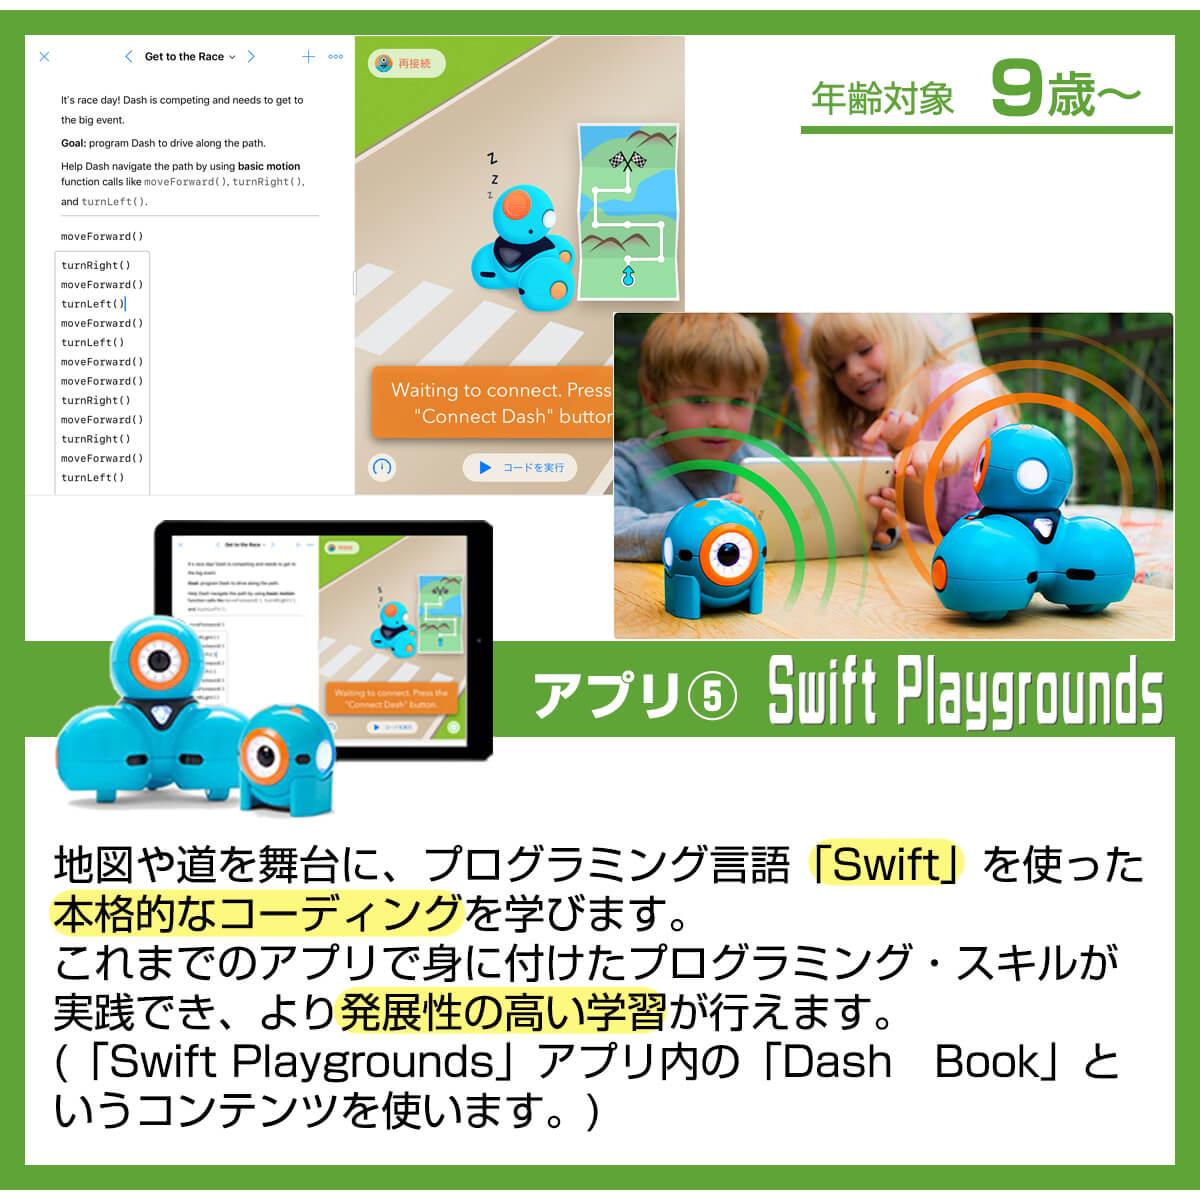 ダッシュくん専用アプリSwift Playgrounds